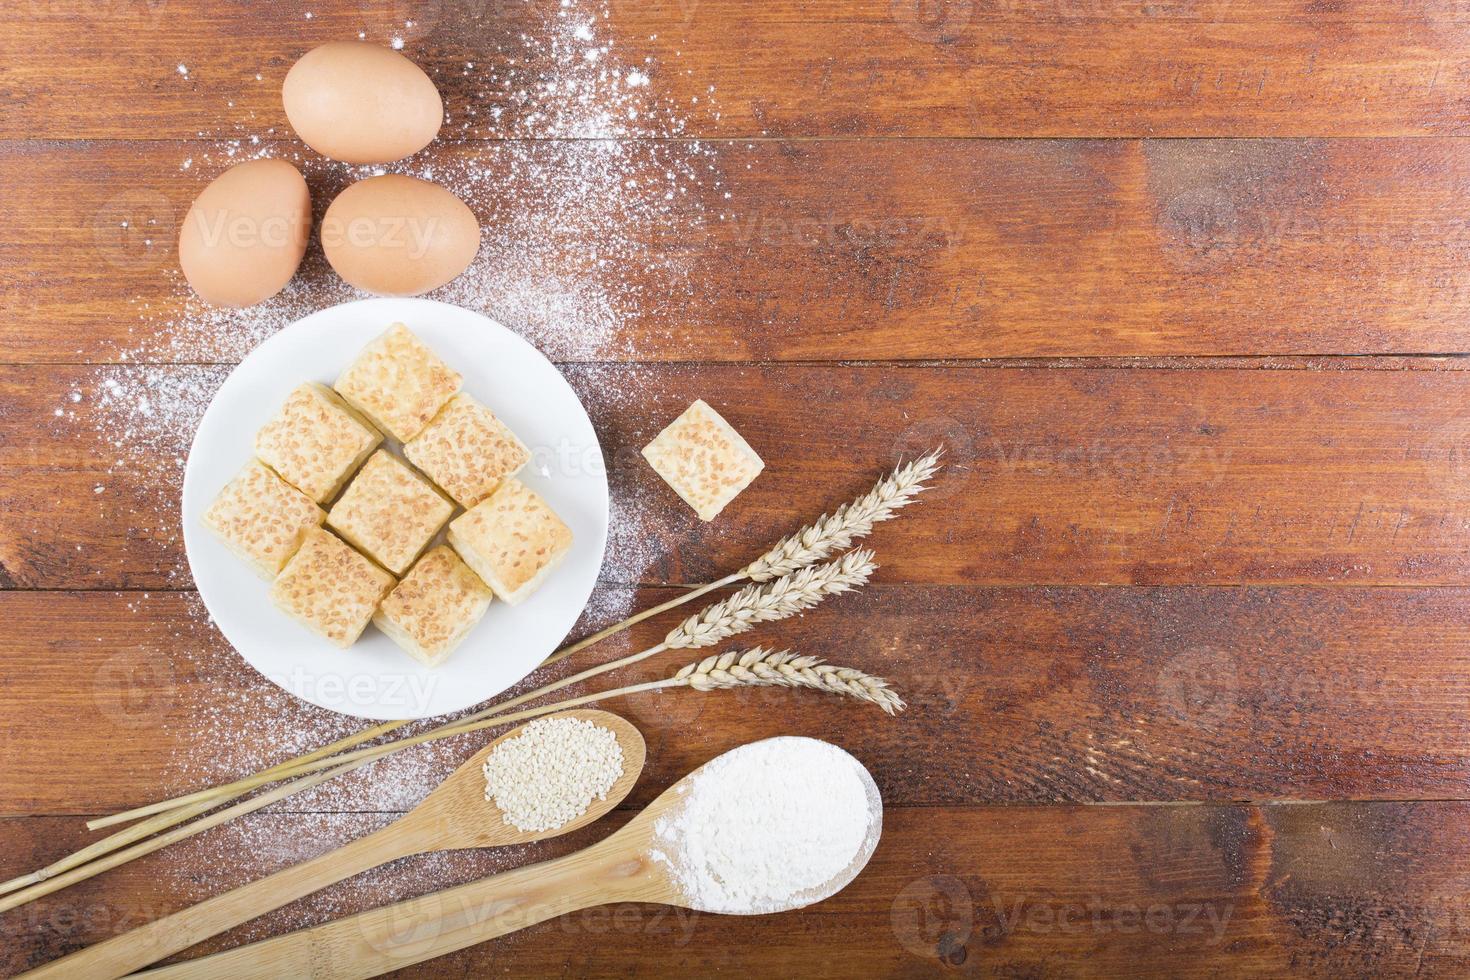 ingredientes da receita e cozinha foto